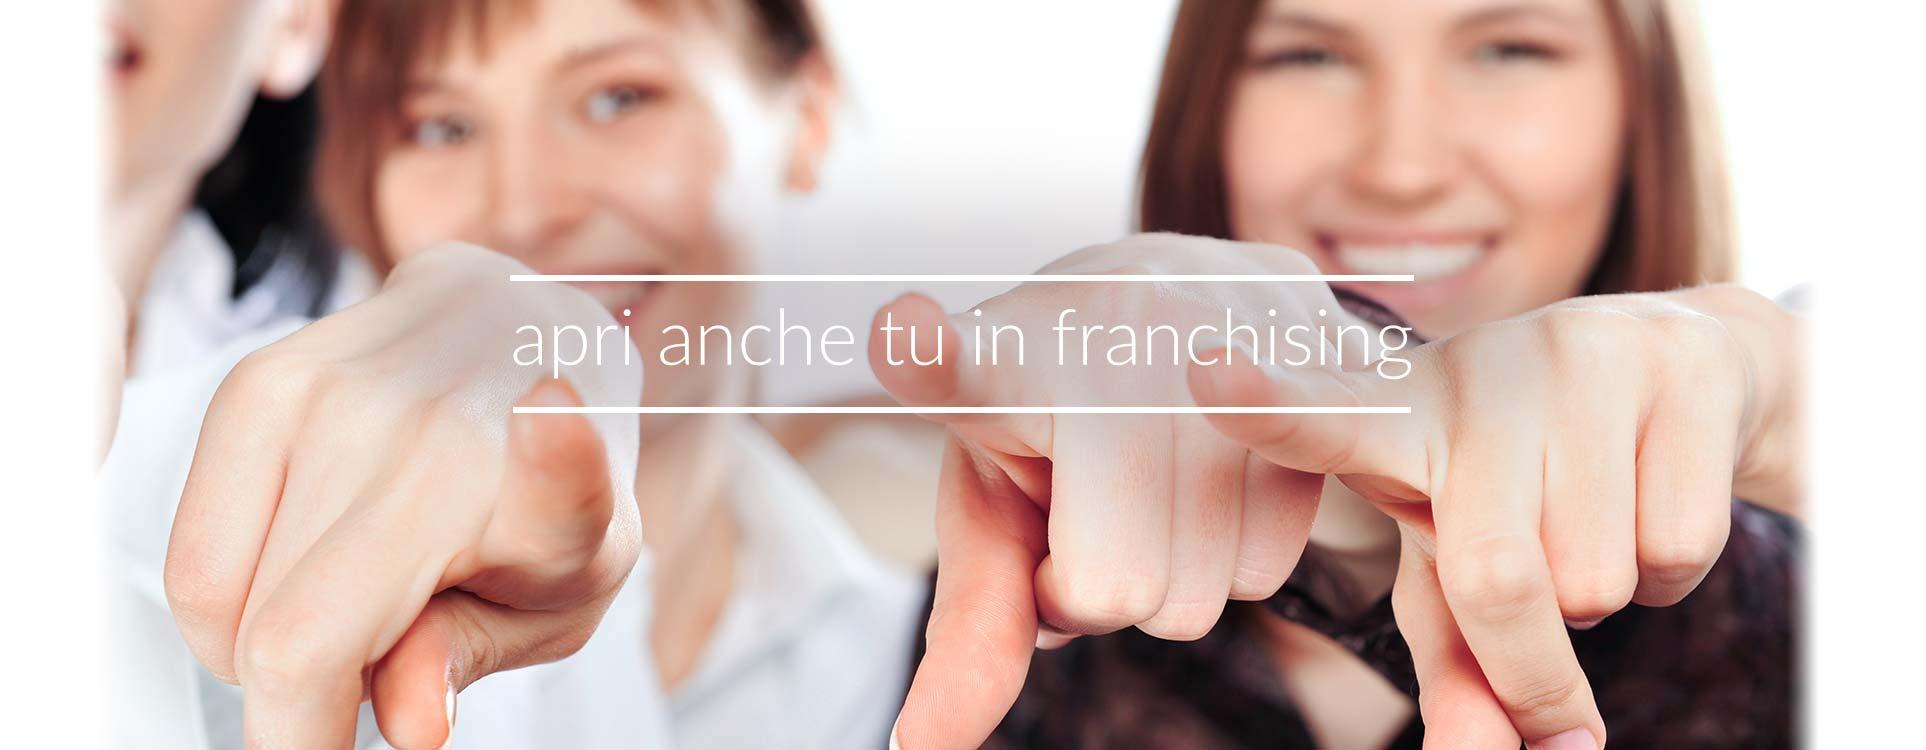 francher